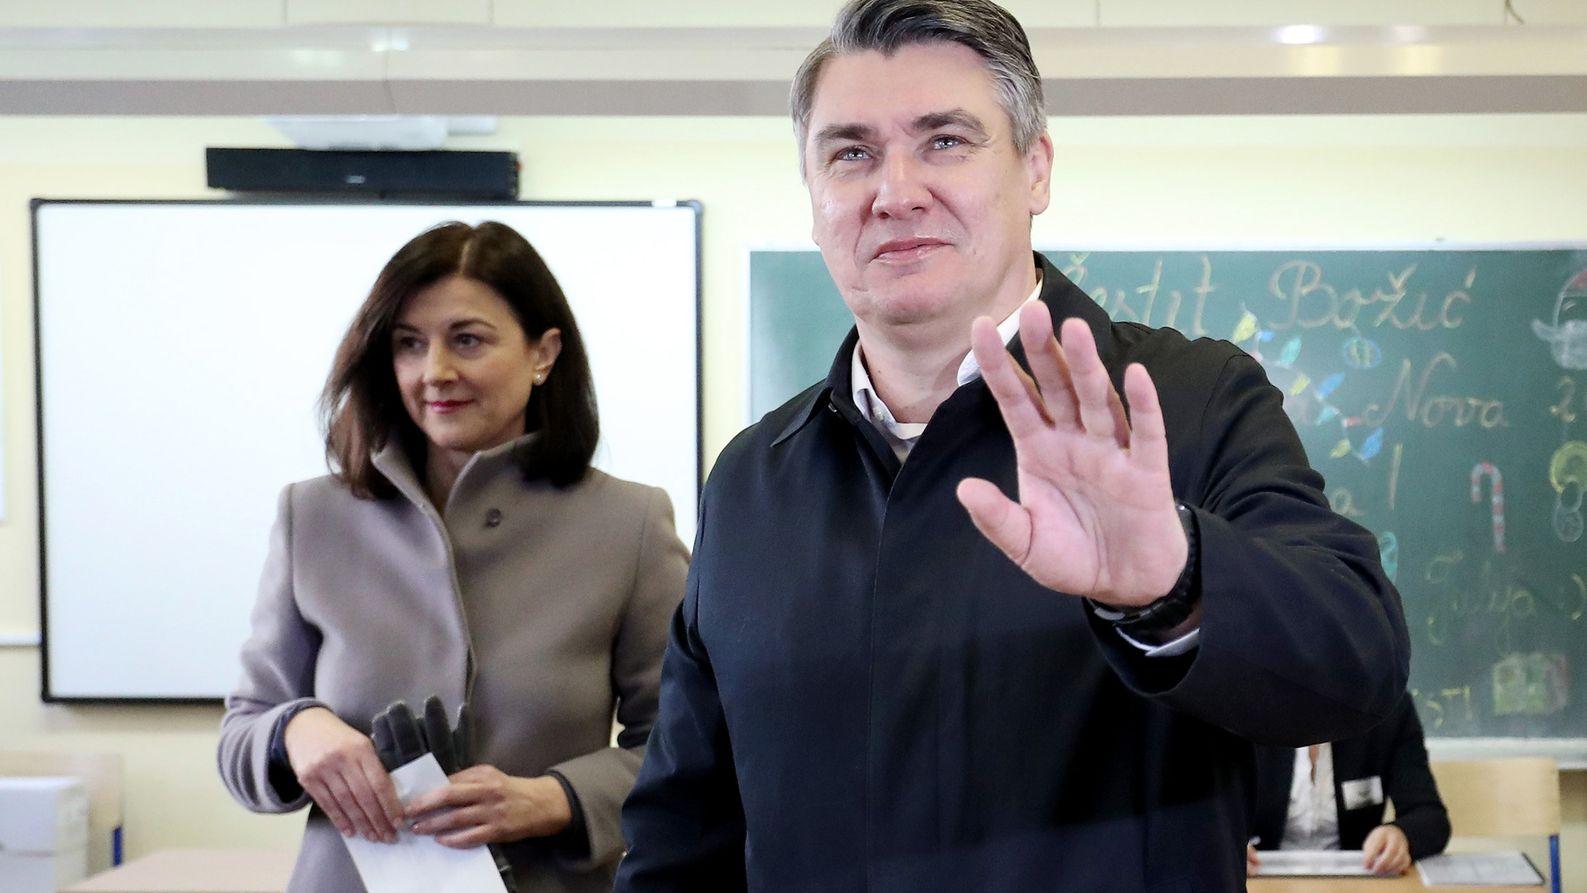 Zoran Milanovic wirft in Begleitung seiner Frau seinen Stimmzettel für die Stichwahl in eine Wahlurne.